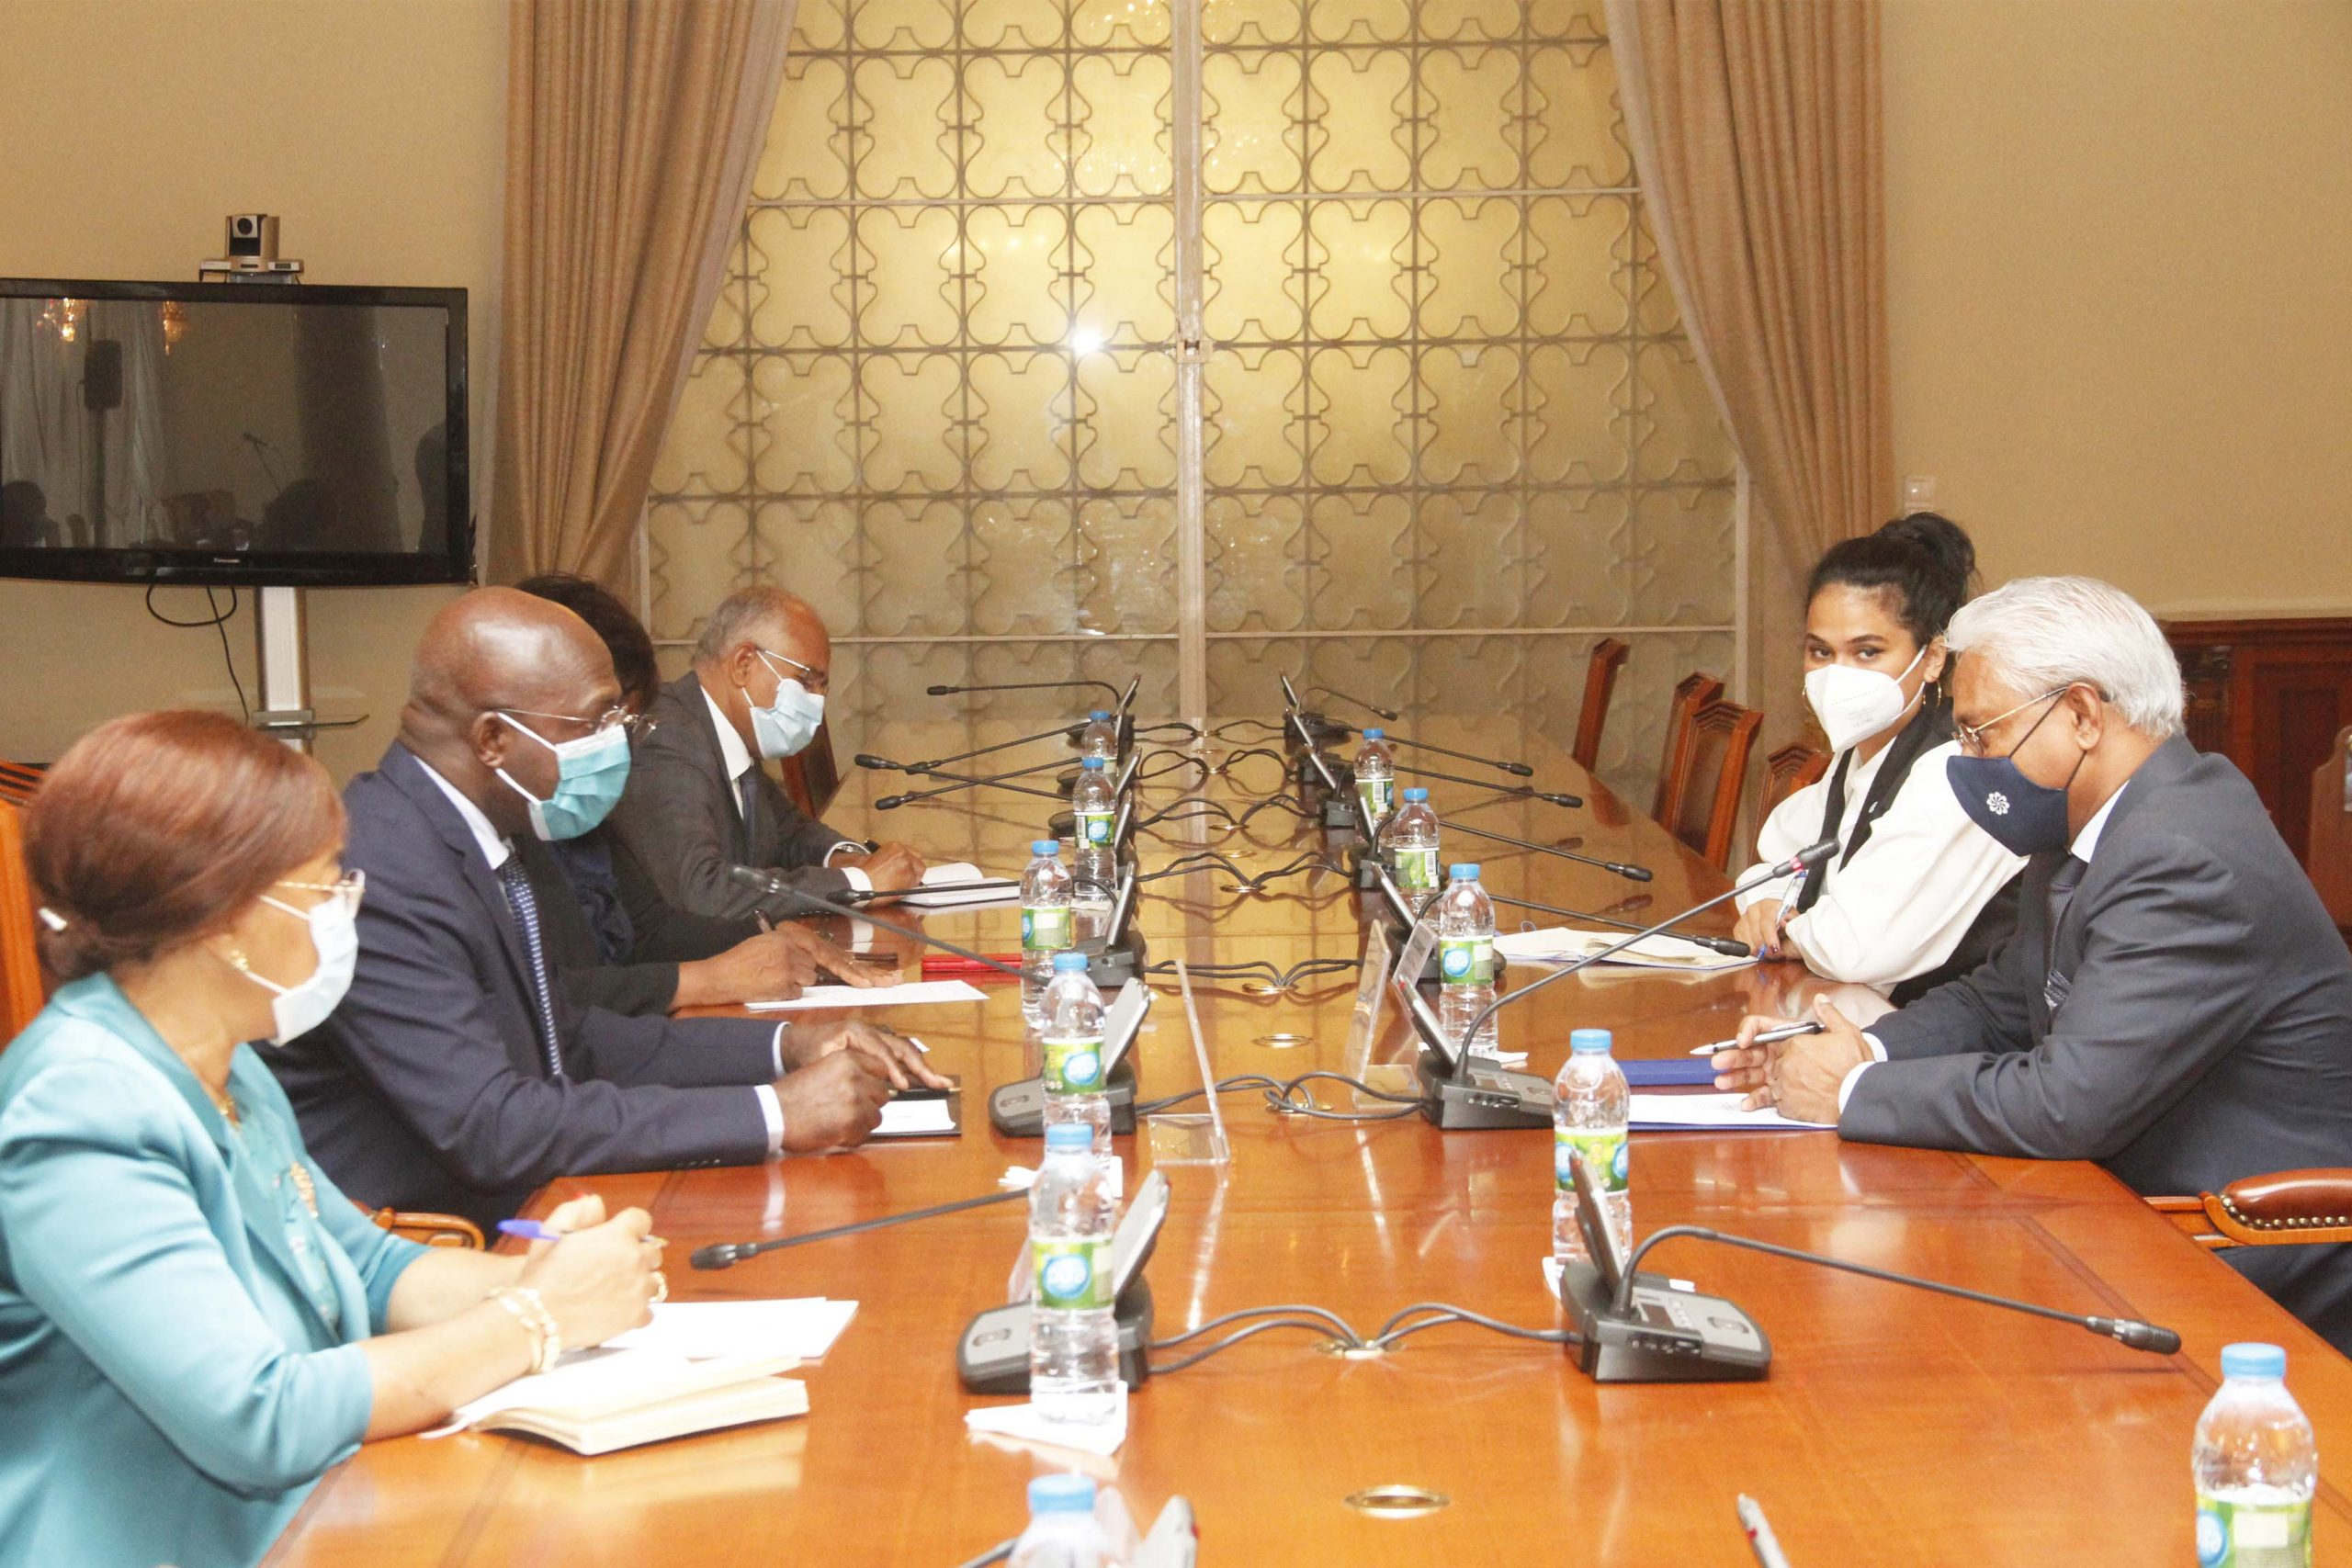 Ministro das Relações Exteriores recebe Secretário Executivo da CPLP